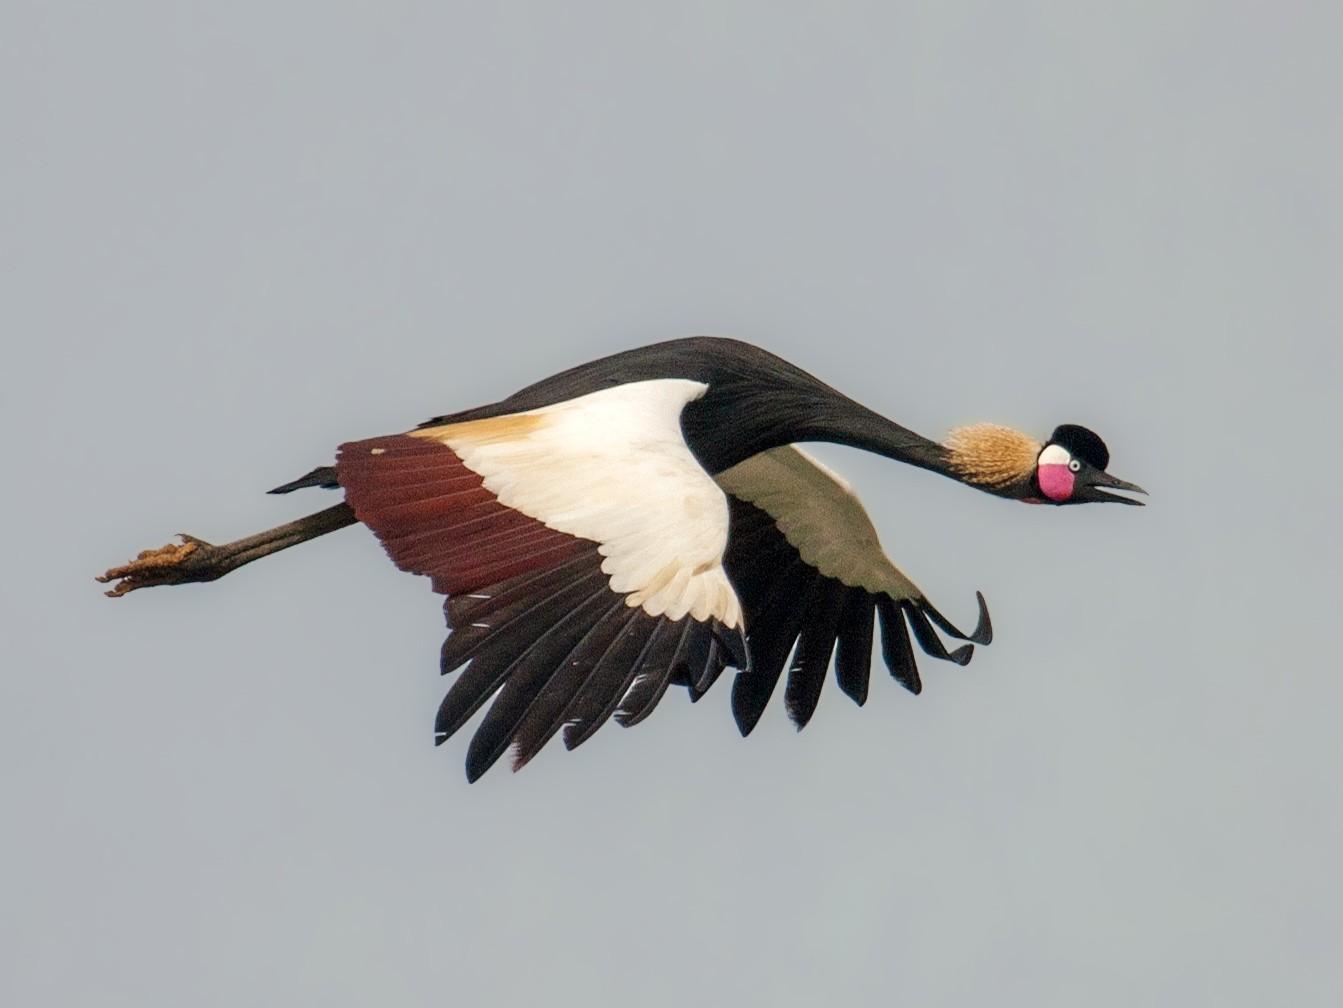 Black Crowned-Crane - Marshall Iliff